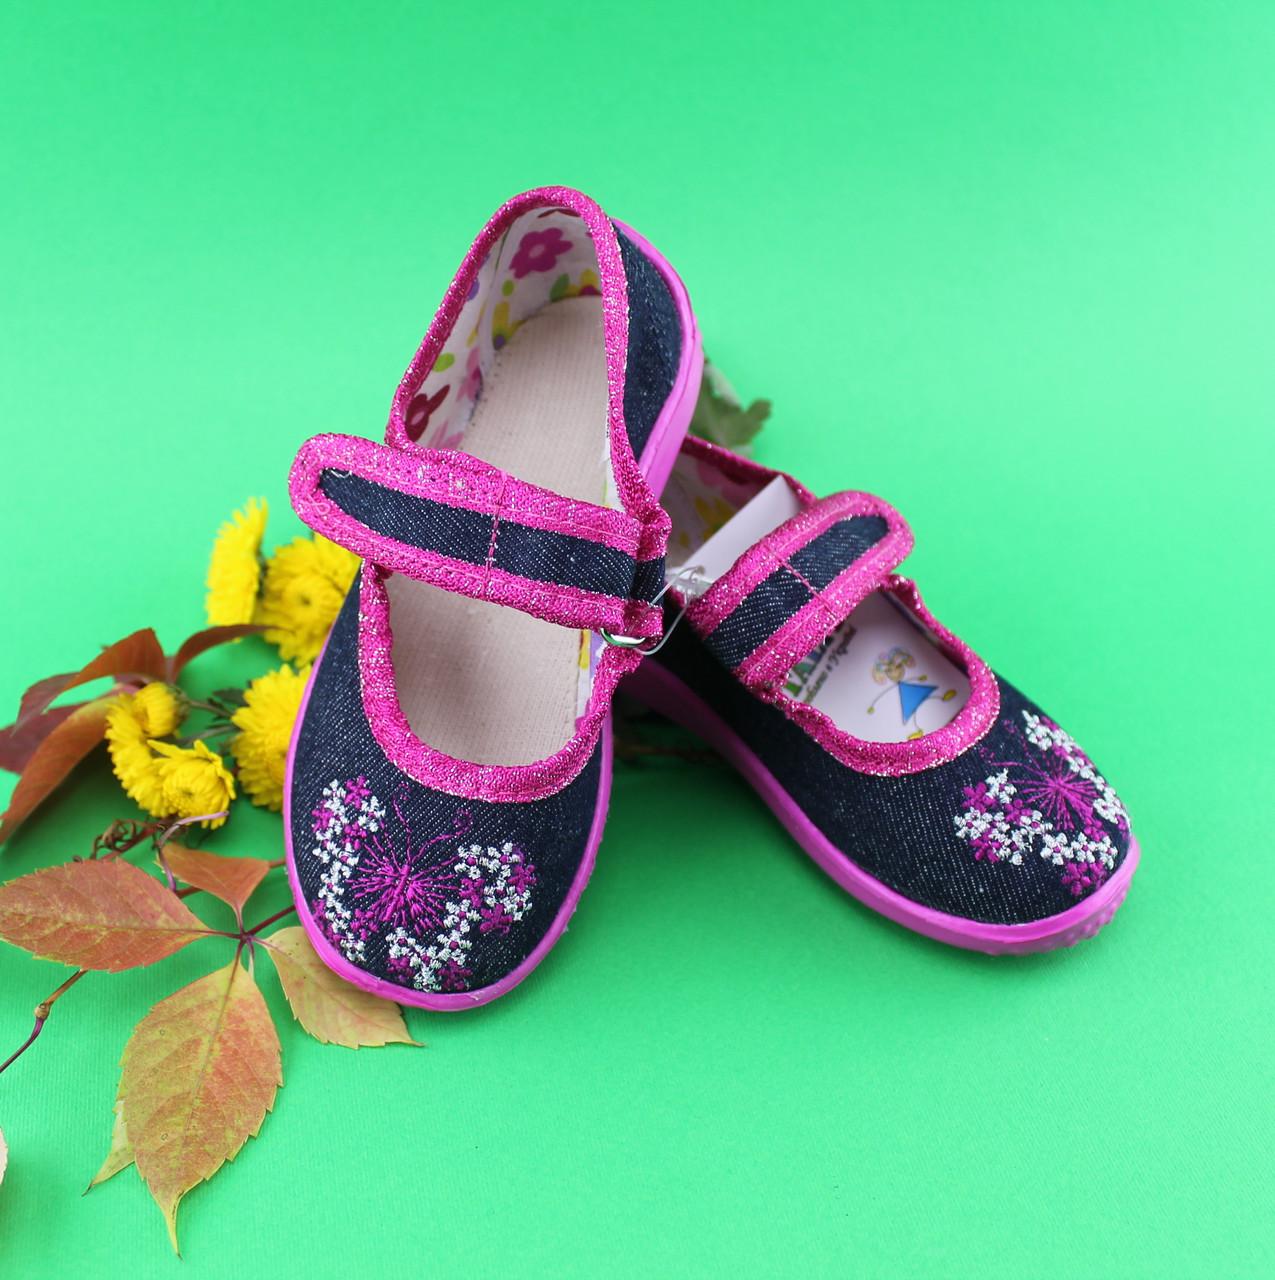 Детские текстильные Тапочки оптом Vitaliya Виталия Украина, размеры с 23 по 27